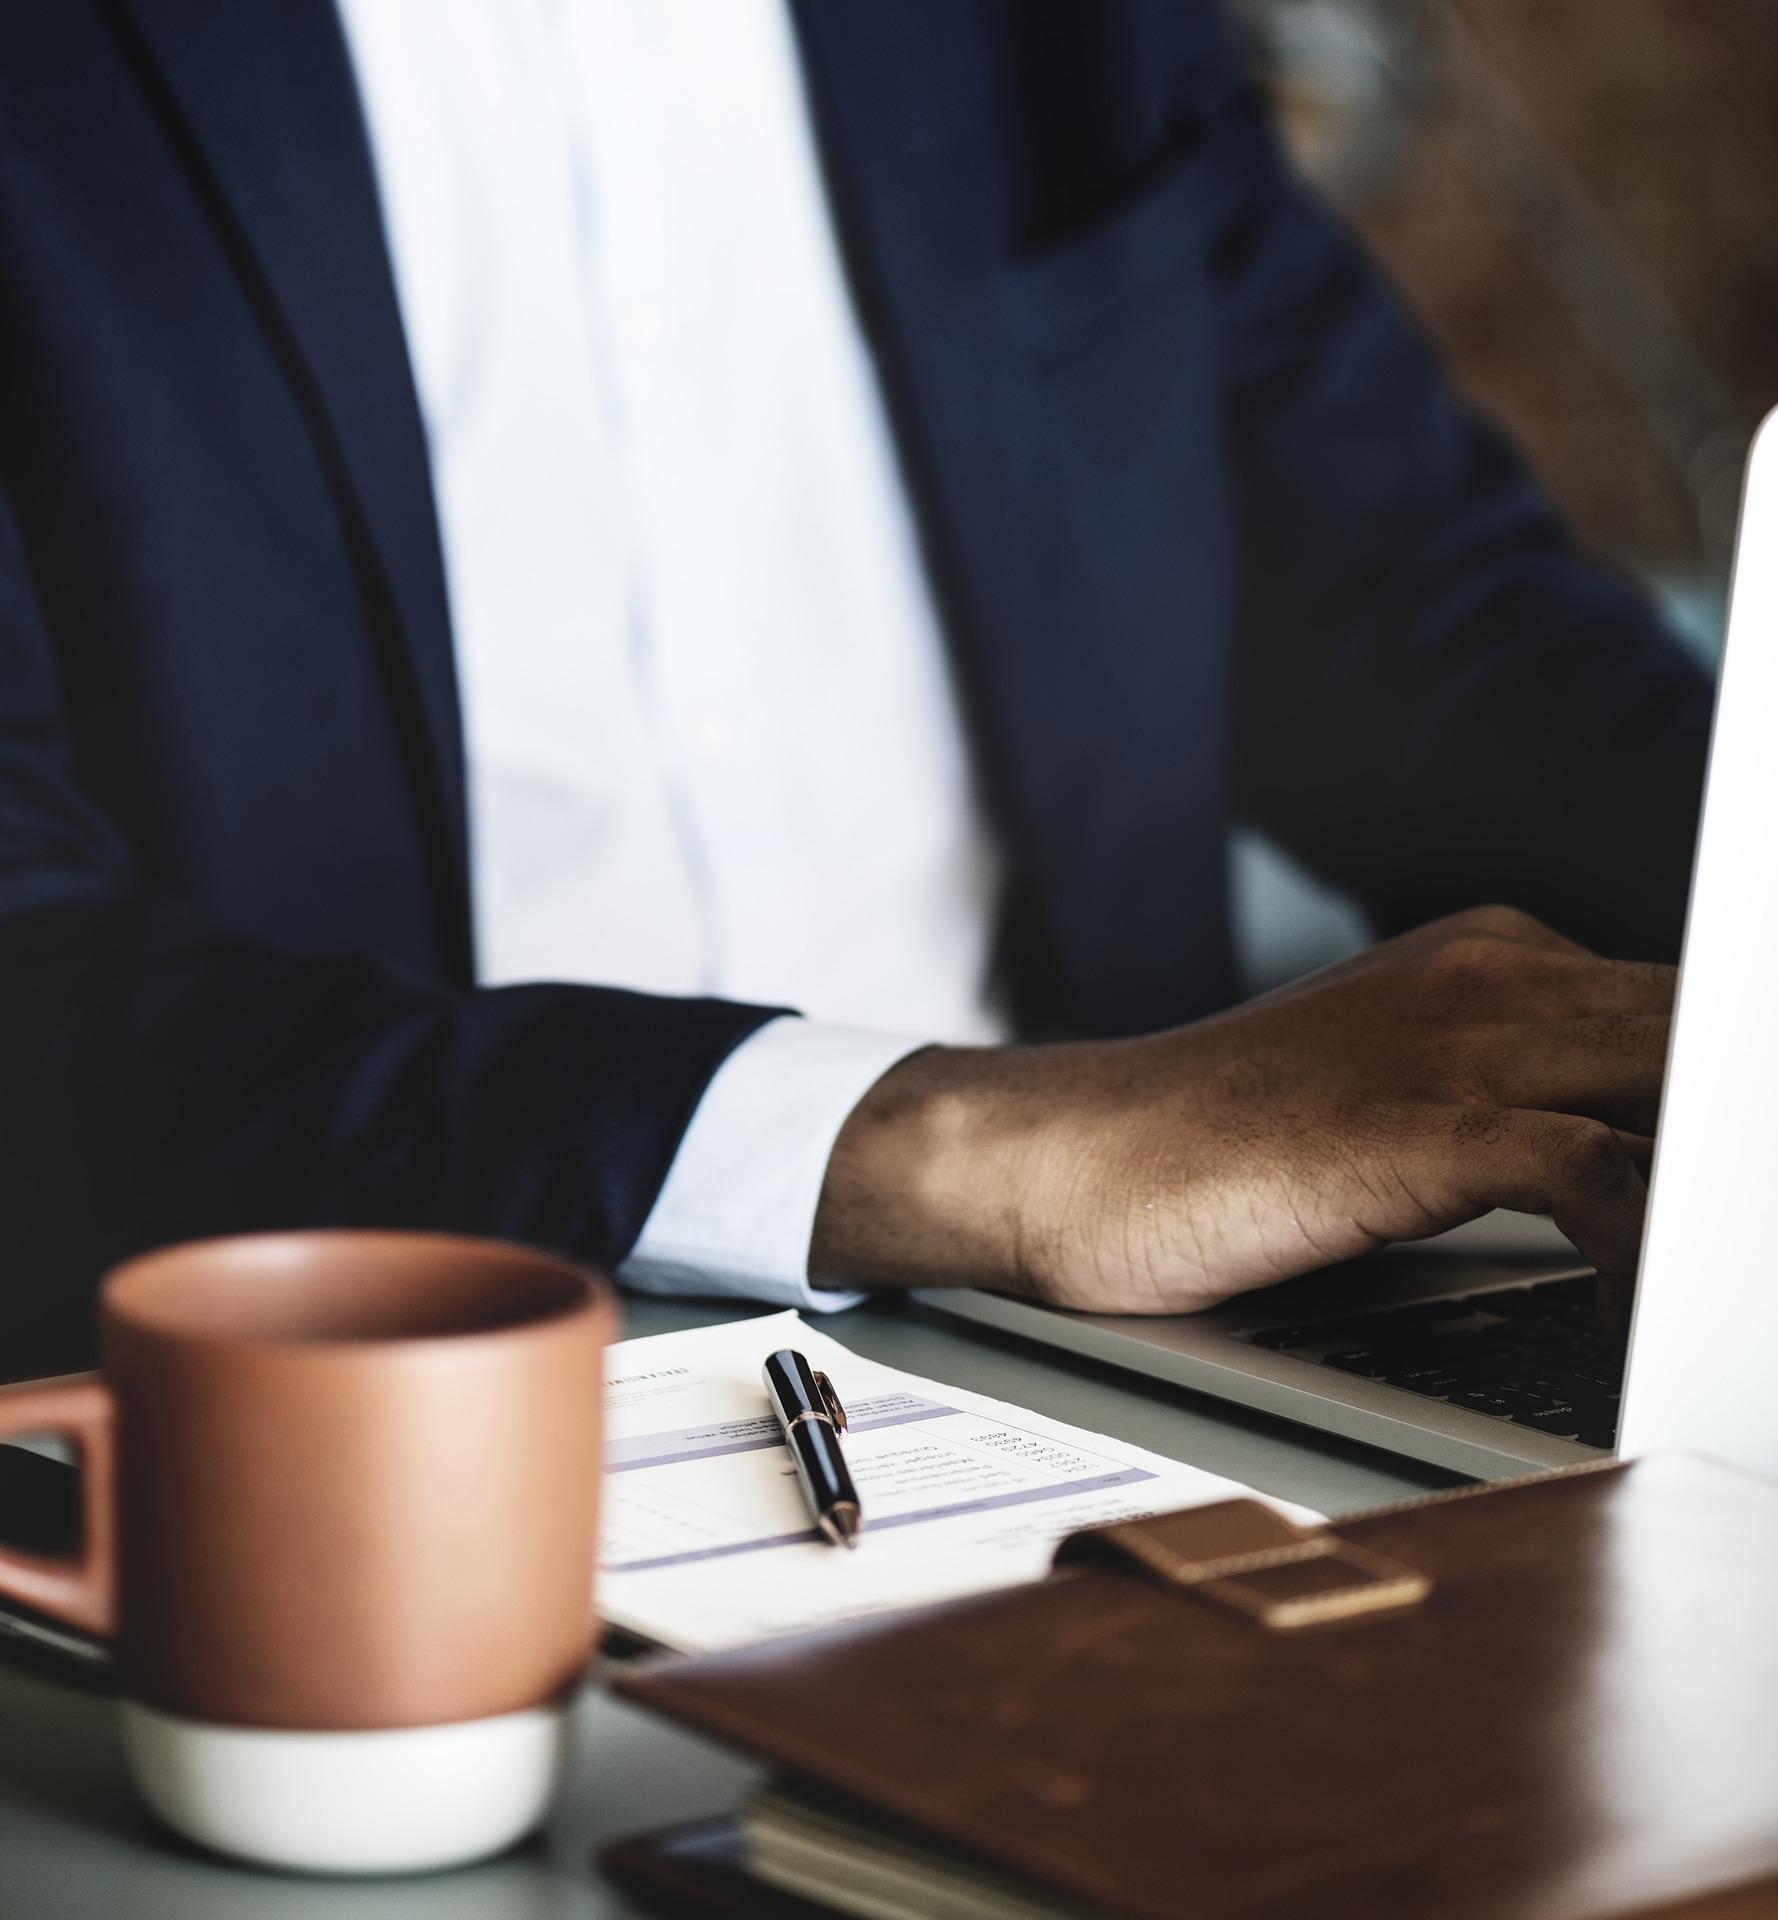 Hindernisse für den Einsatz von Interim-Managern – aus der Sicht des Personalers